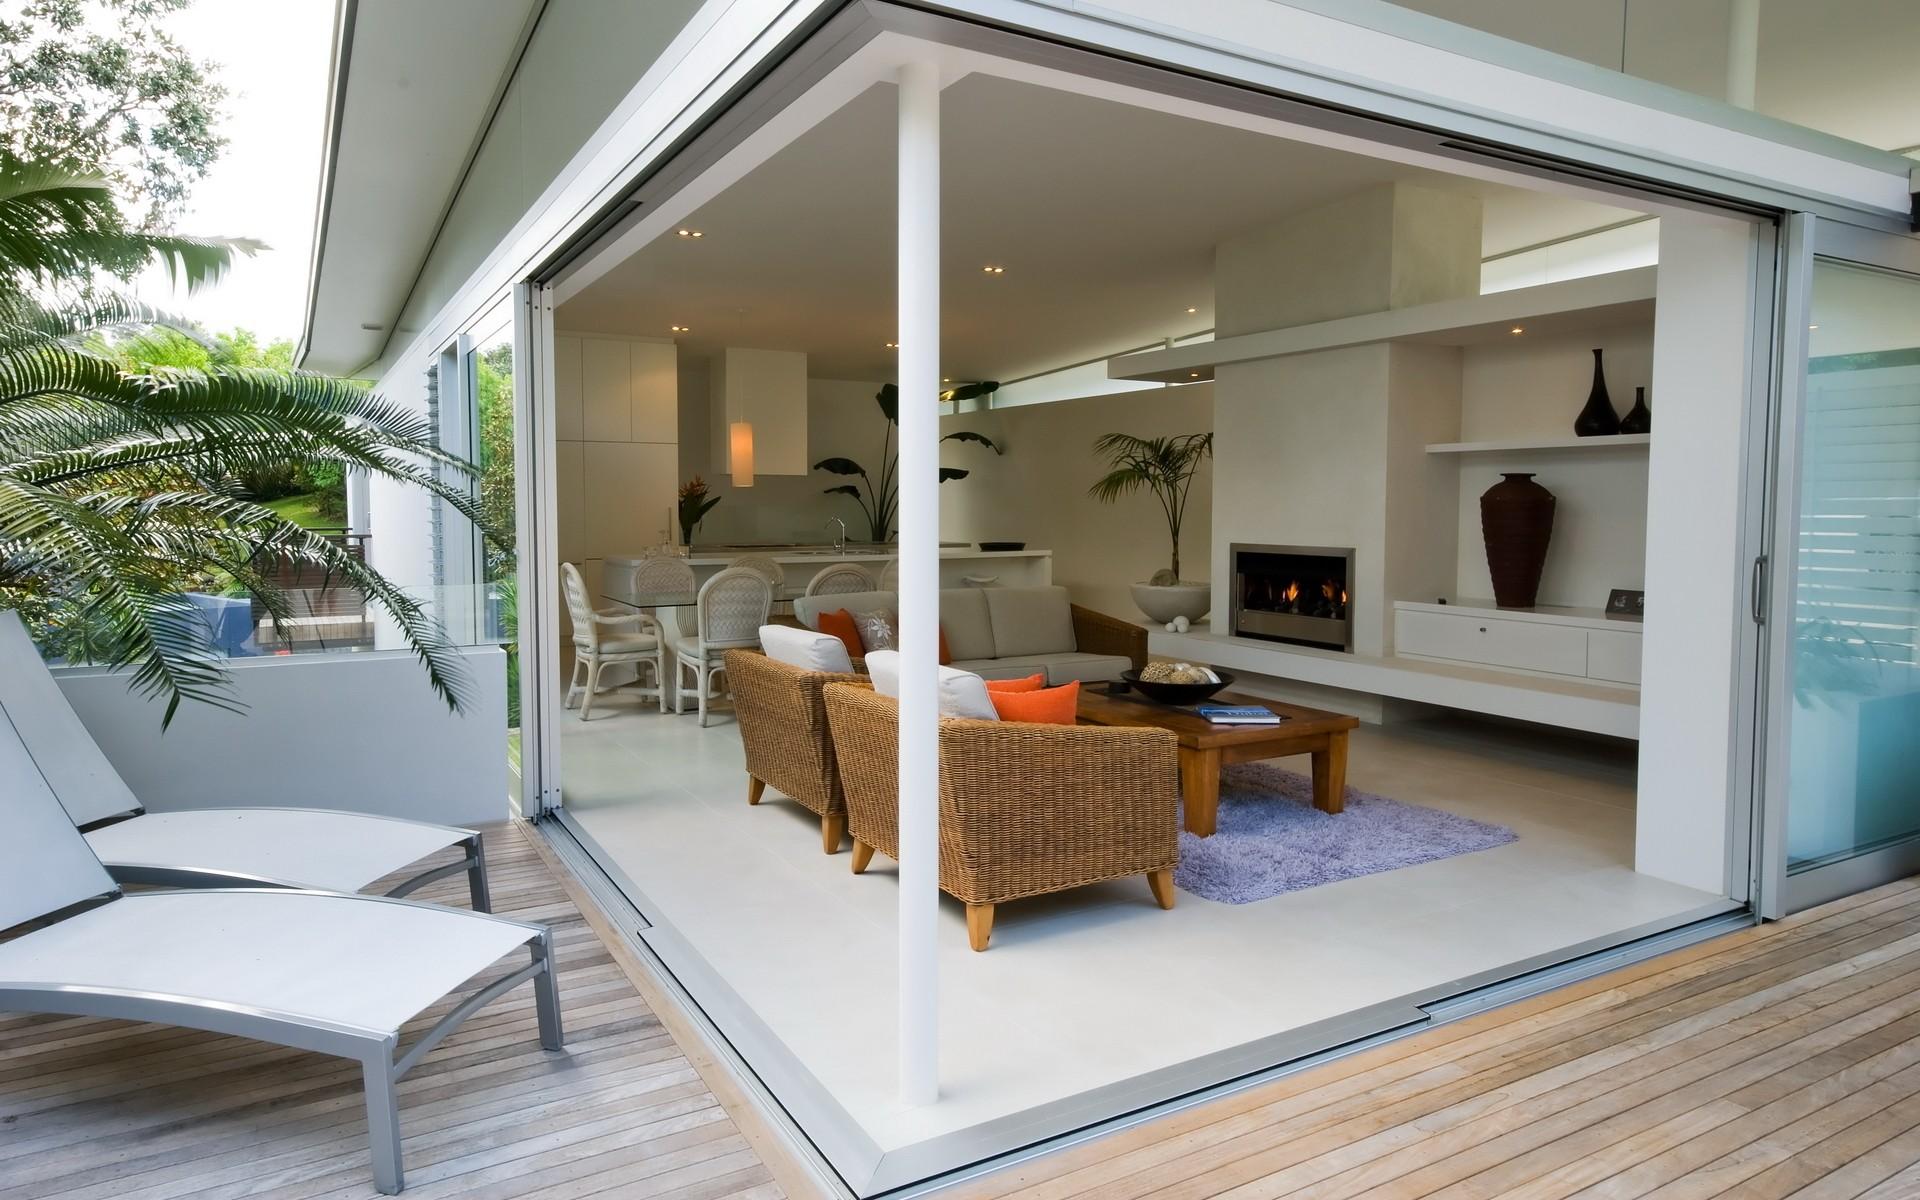 Diseño de una sala exterior - 1920x1200